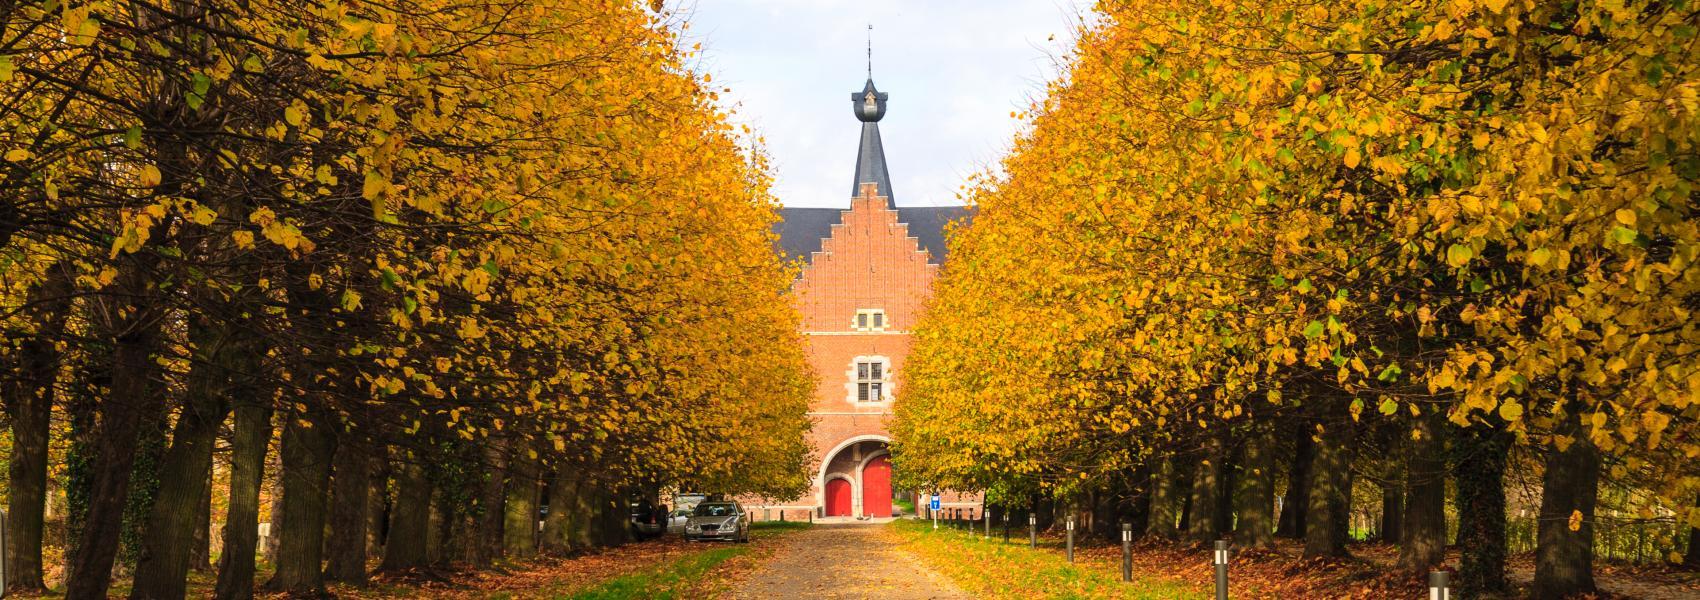 vrouwenabdij in een herfstlandschap